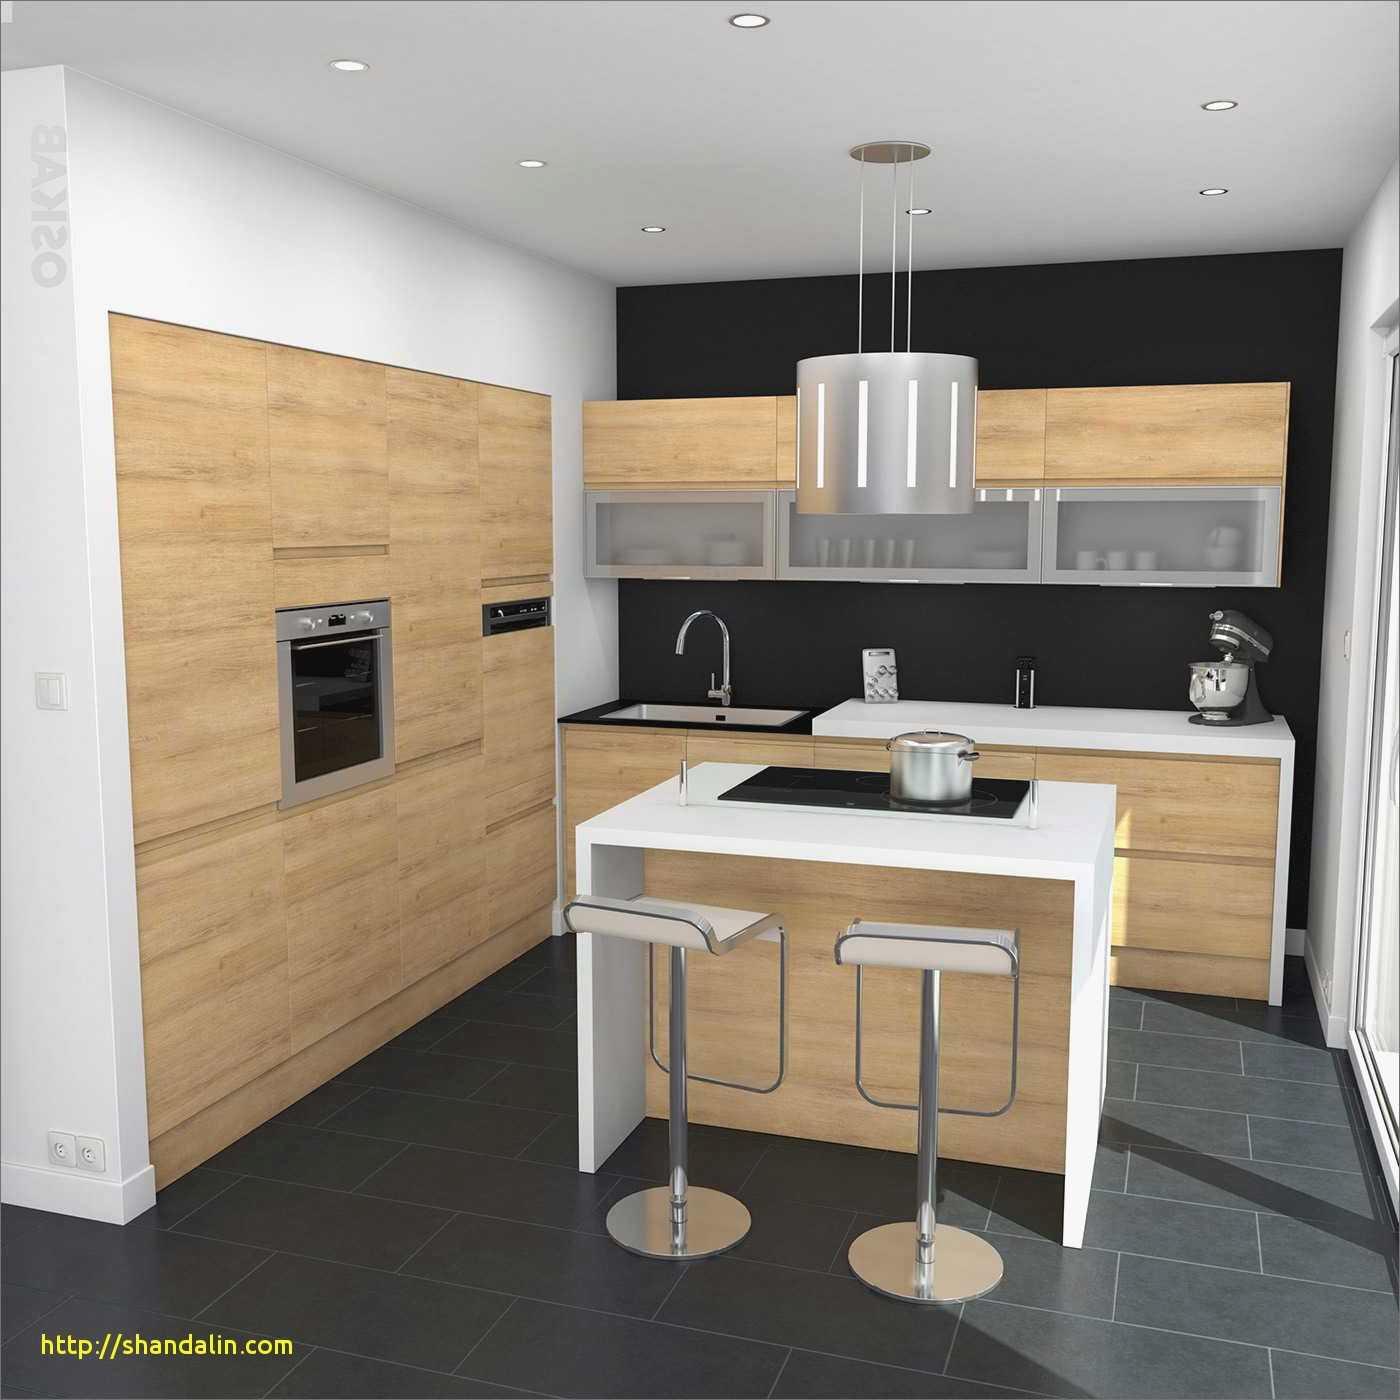 Ikea Cuisine Ilot Élégant Collection Prix Cuisine Avec Ilot Central Beau 36 Cuisine Avec Ilot Bar Galerie